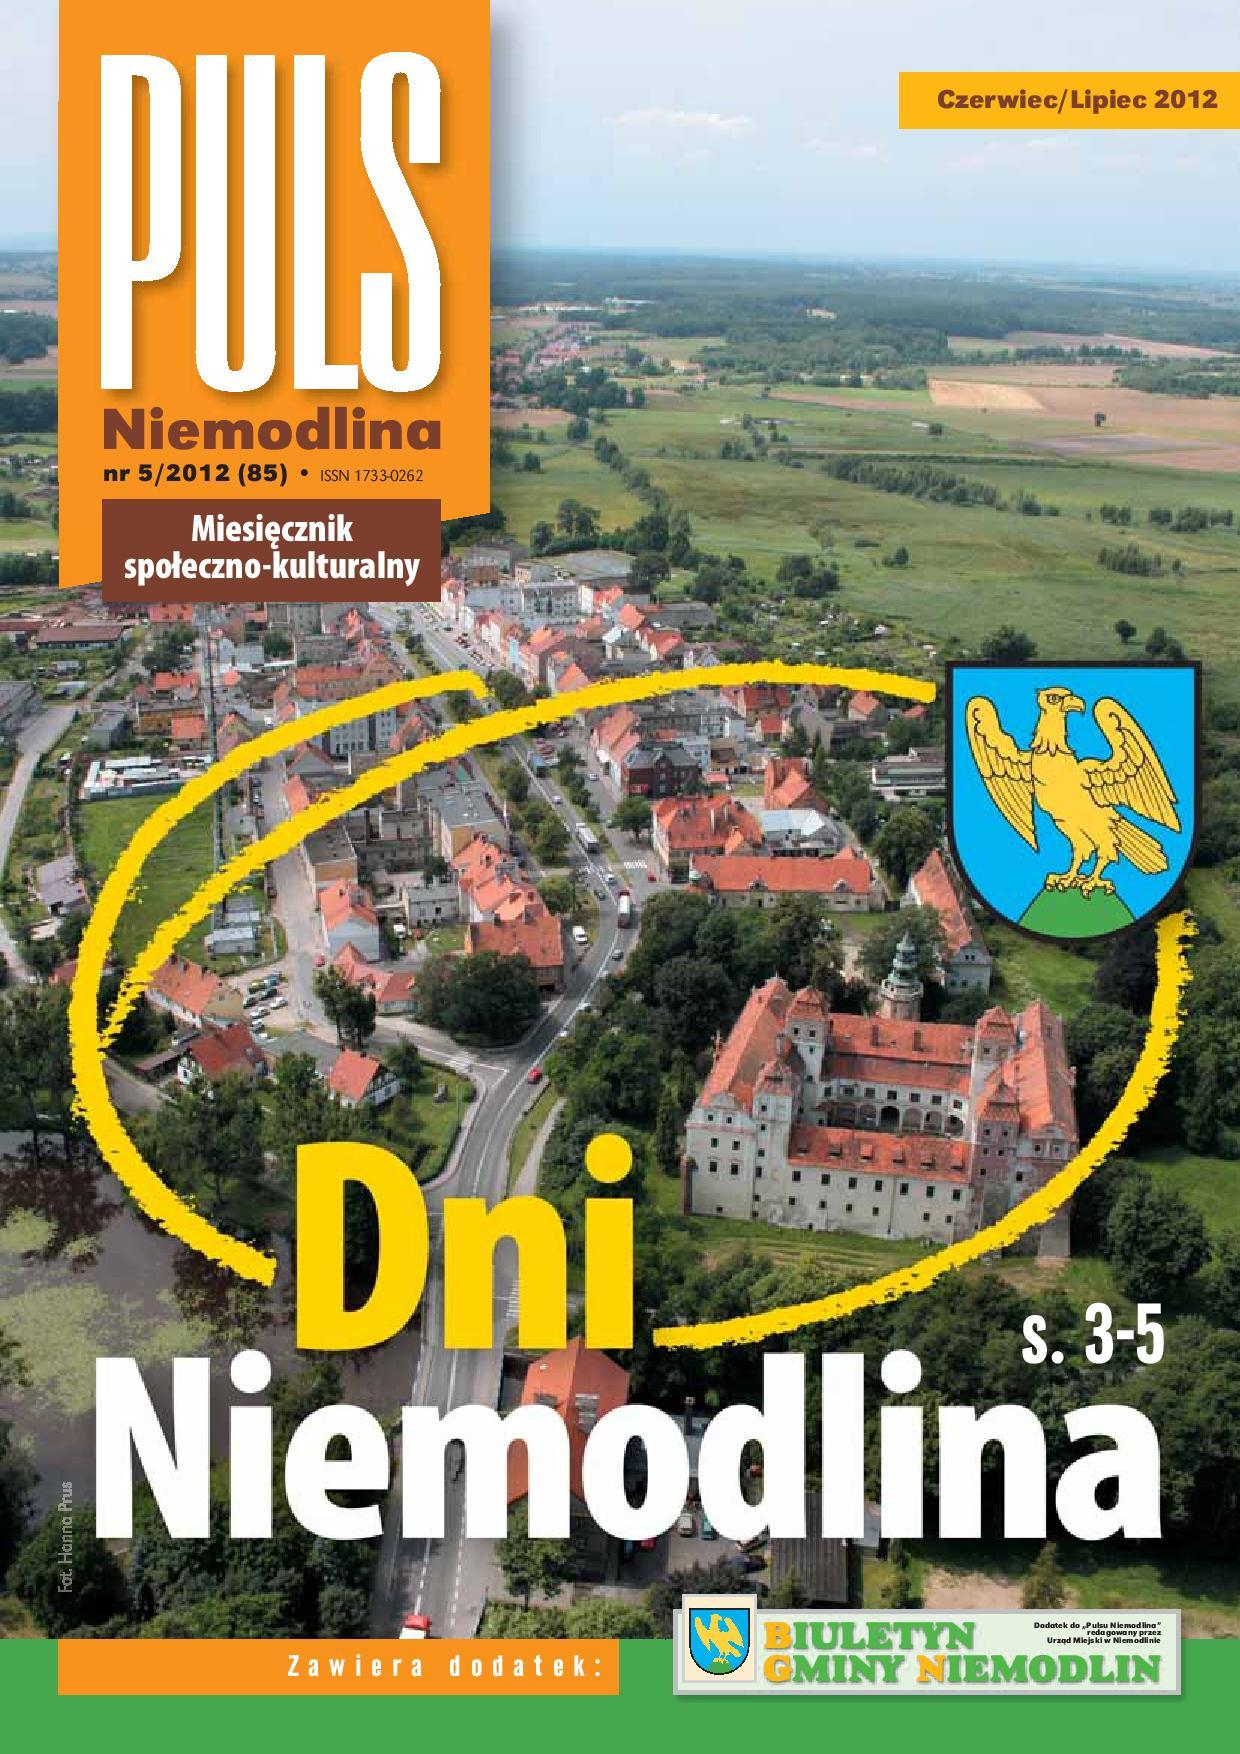 Puls Niemodlina czerwiec-lipiec 2012-page-001.jpeg